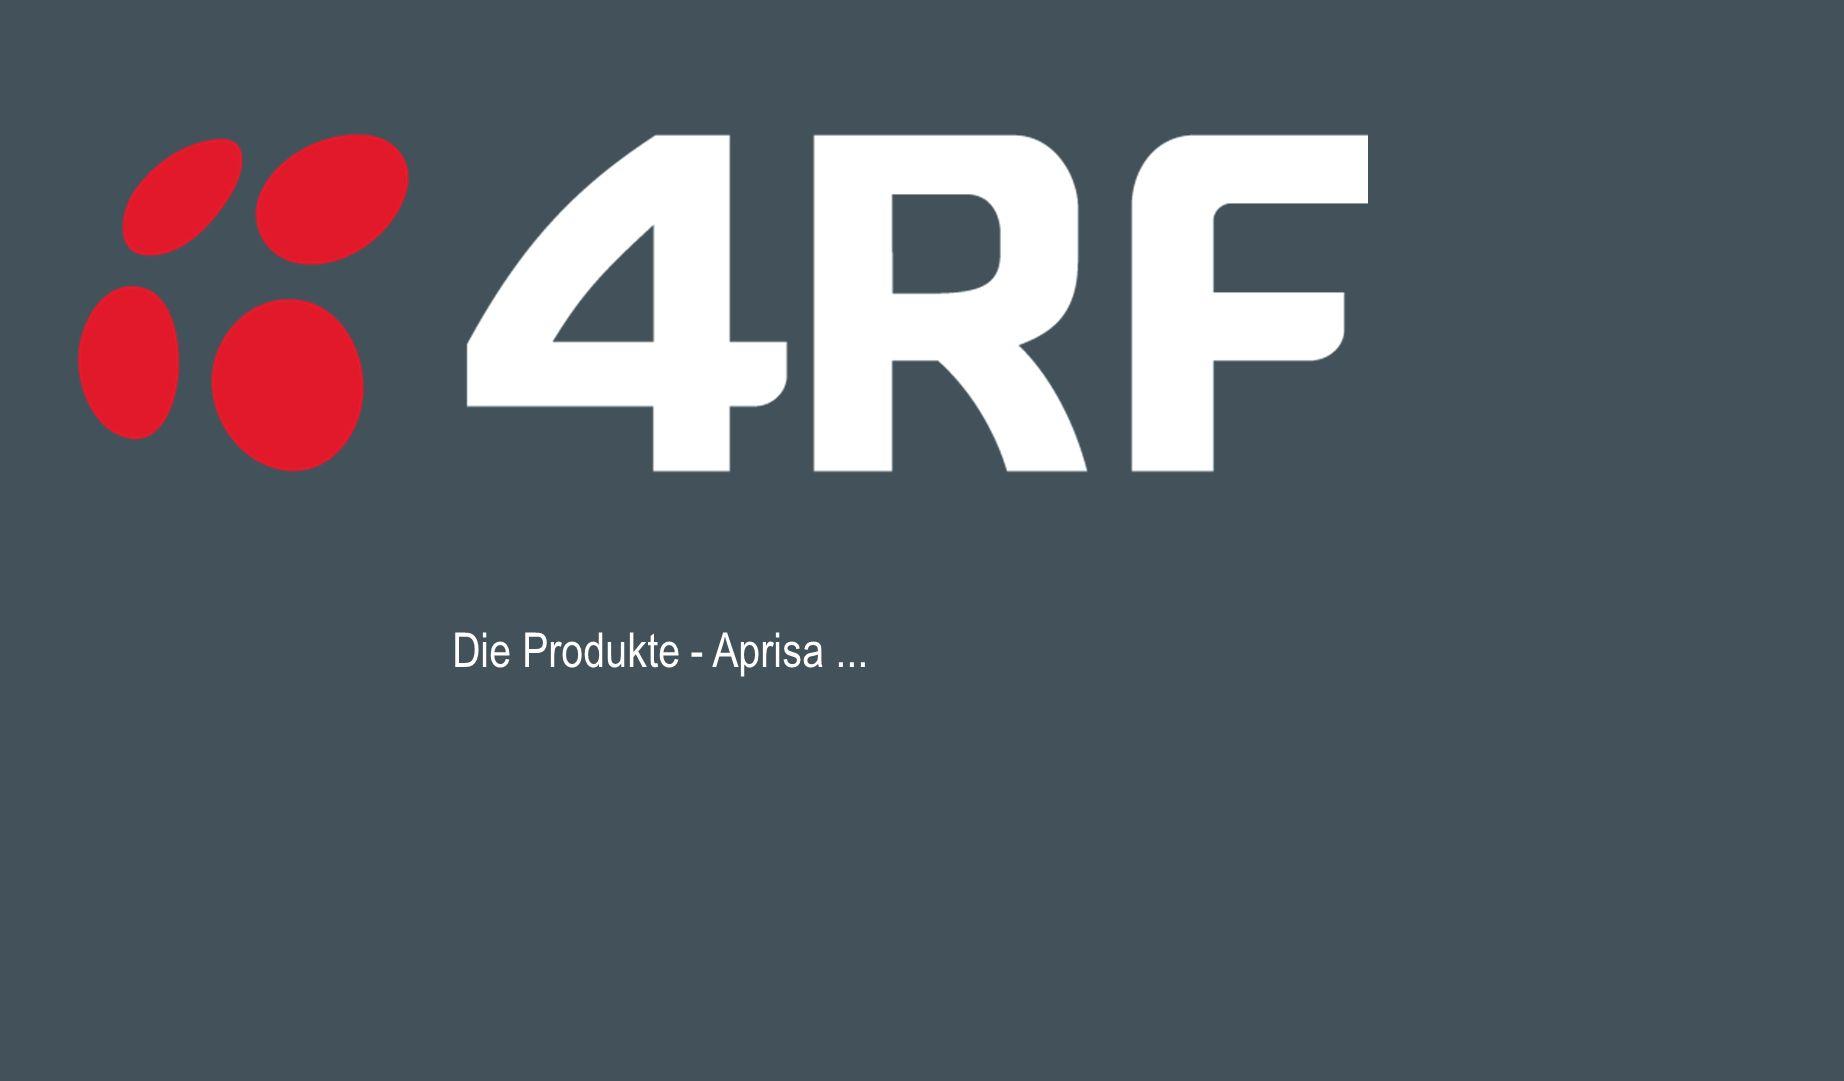 Modulation Aprisa SR und andere Funkgeräte nutzen die robuste FSK-Modulation, die etwas mehr als die Hälfte des verfügbaren Spektrums belegt.